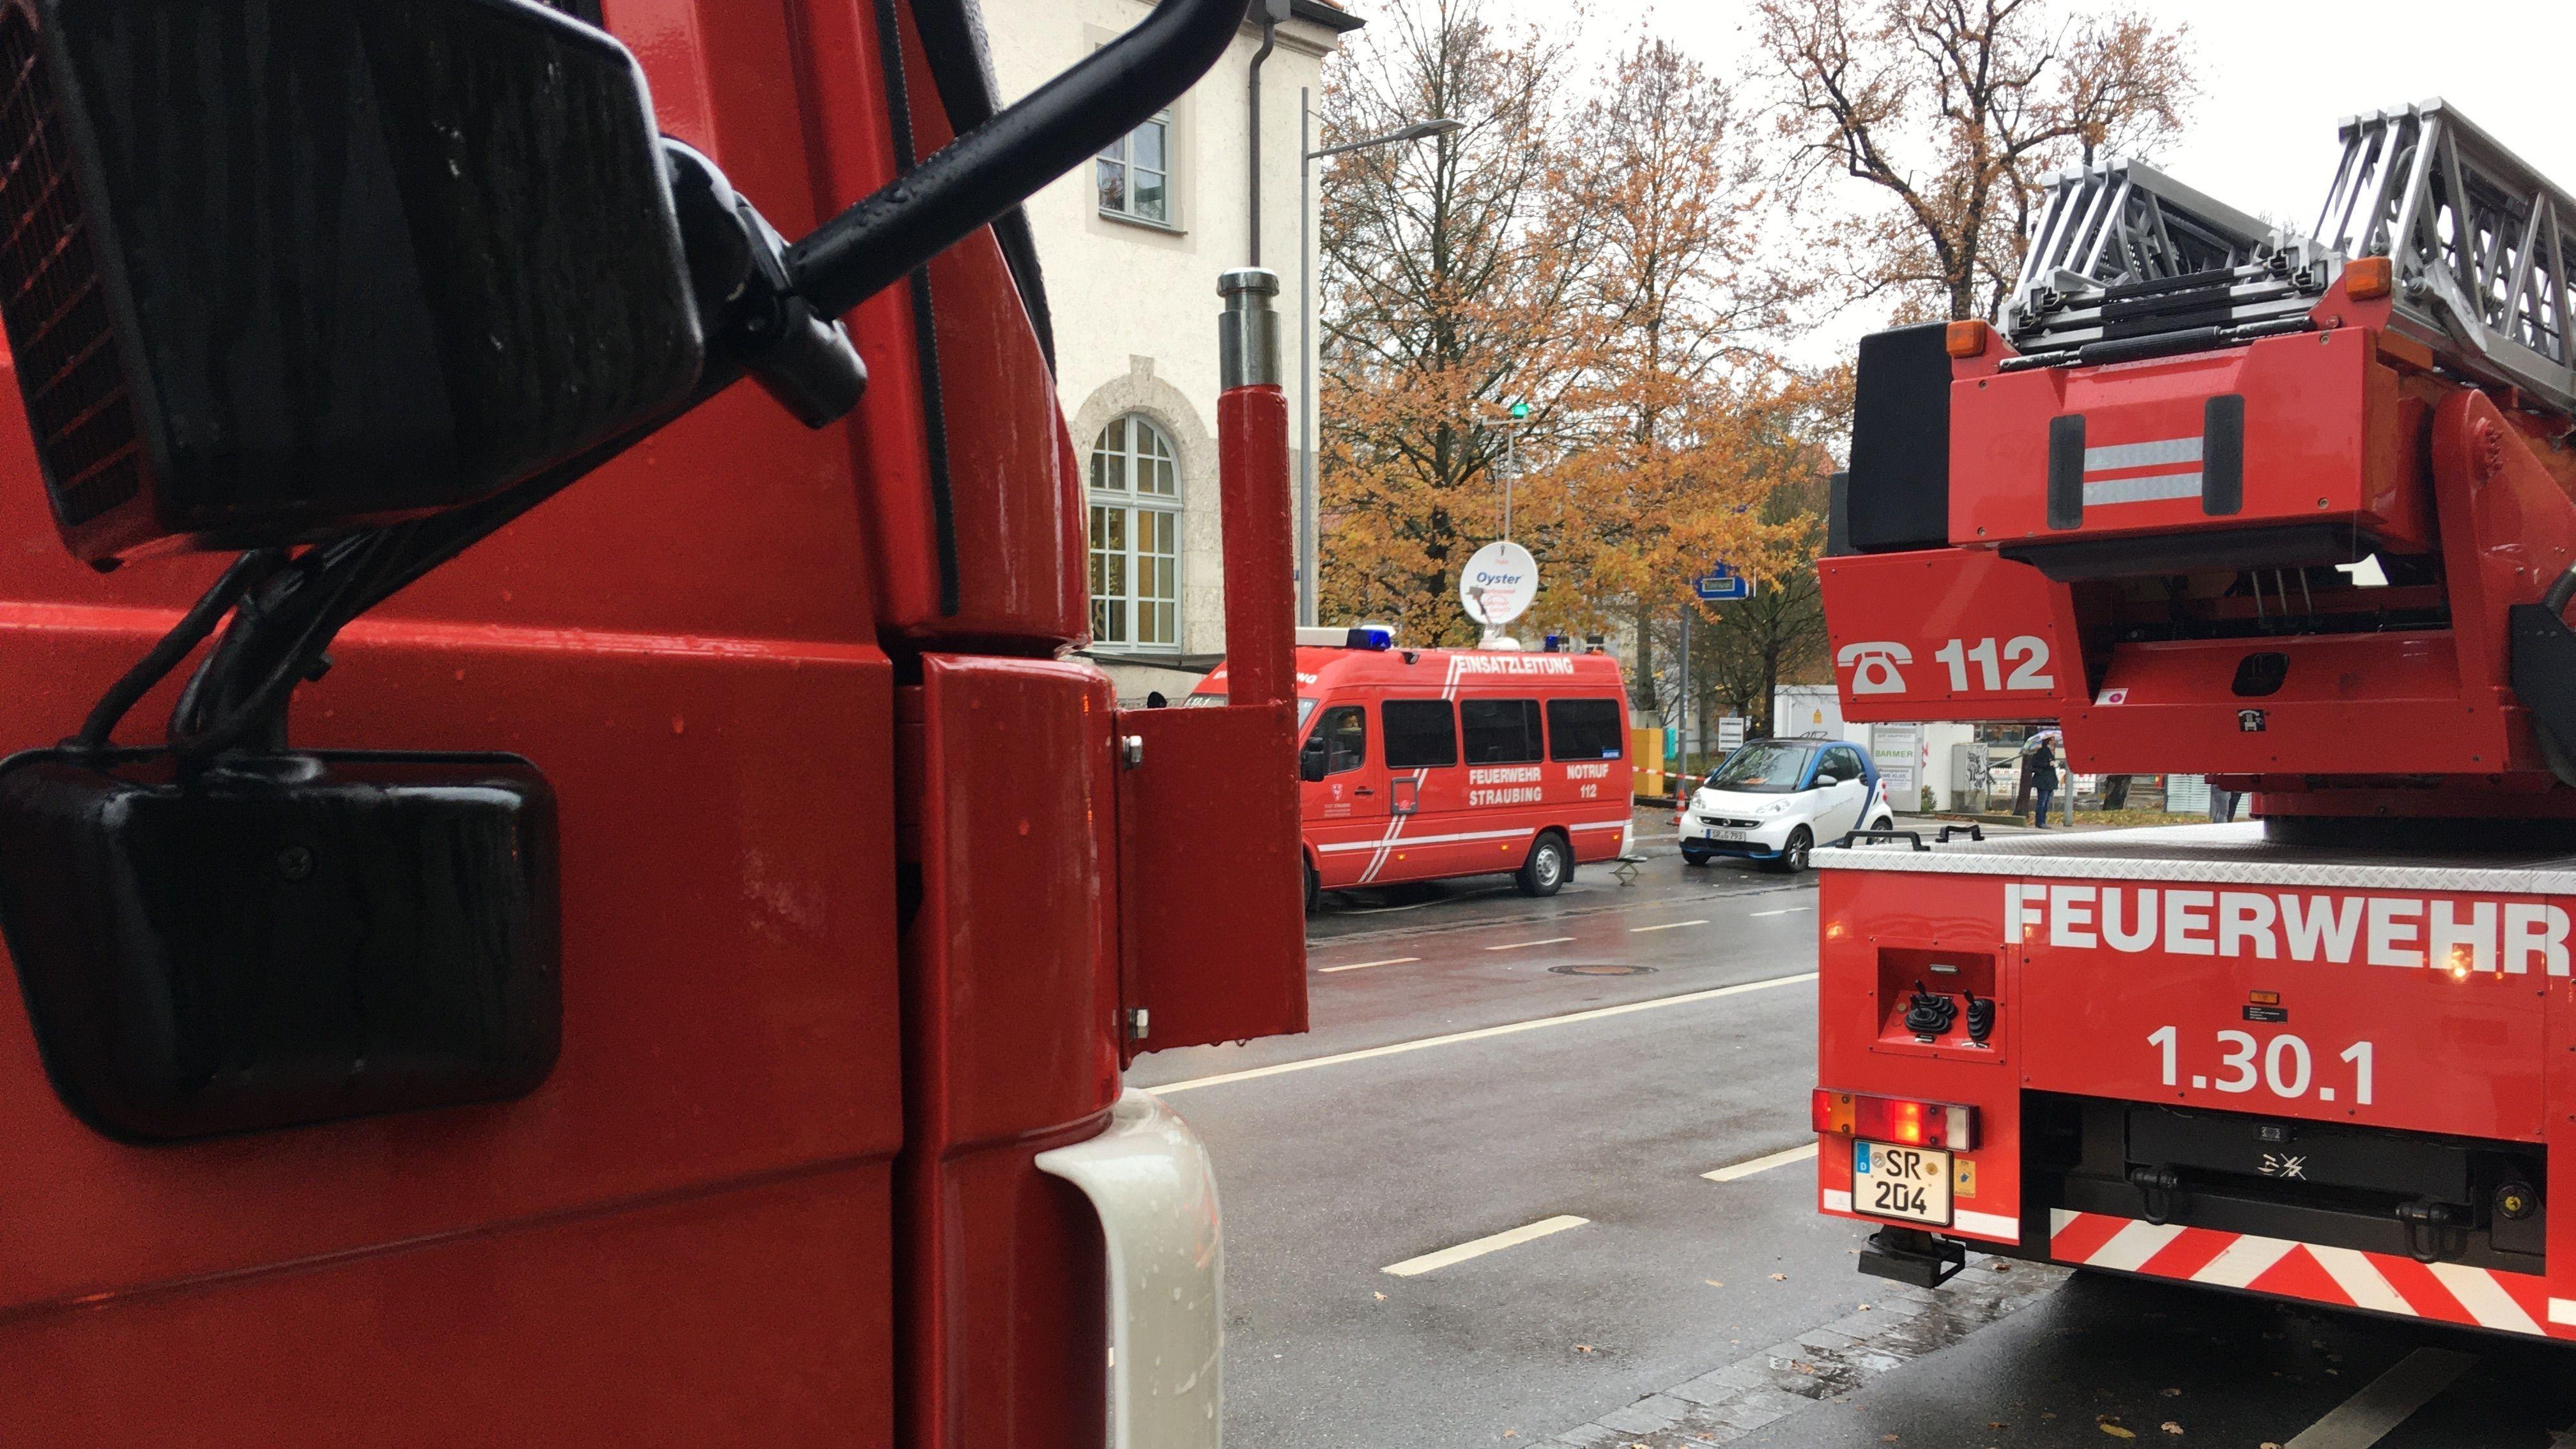 Viele Einsatzkräfte sind in Straubing vor Ort - Grund hierfür ist eine Bombendrohung